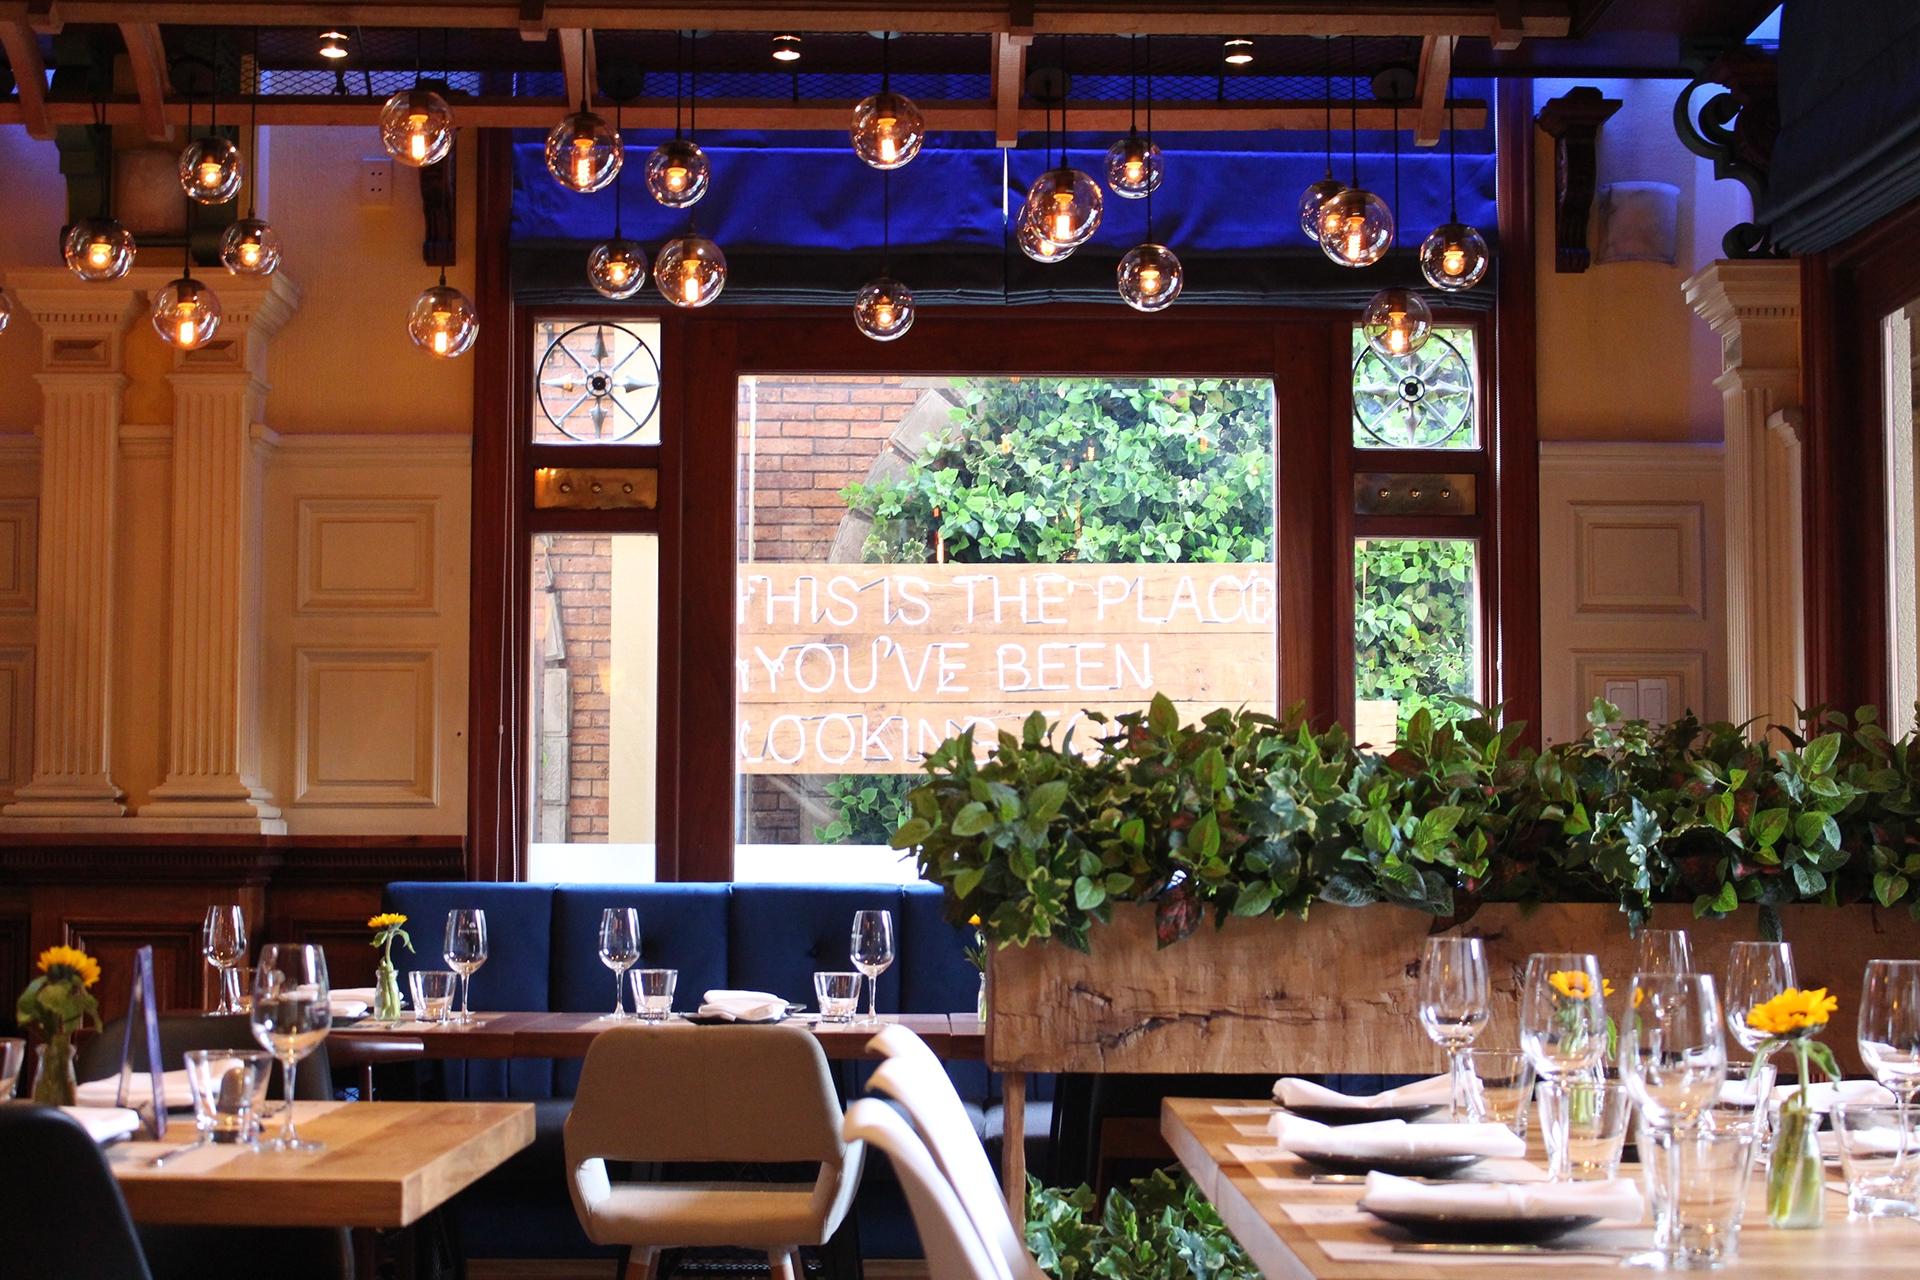 thiết kế nội thất Nhà Hàng tại Hồ Chí Minh Ngoc Suong Steak&Seafood 106 Suong Nguyen Anh, Sai Gon 3 1534746959